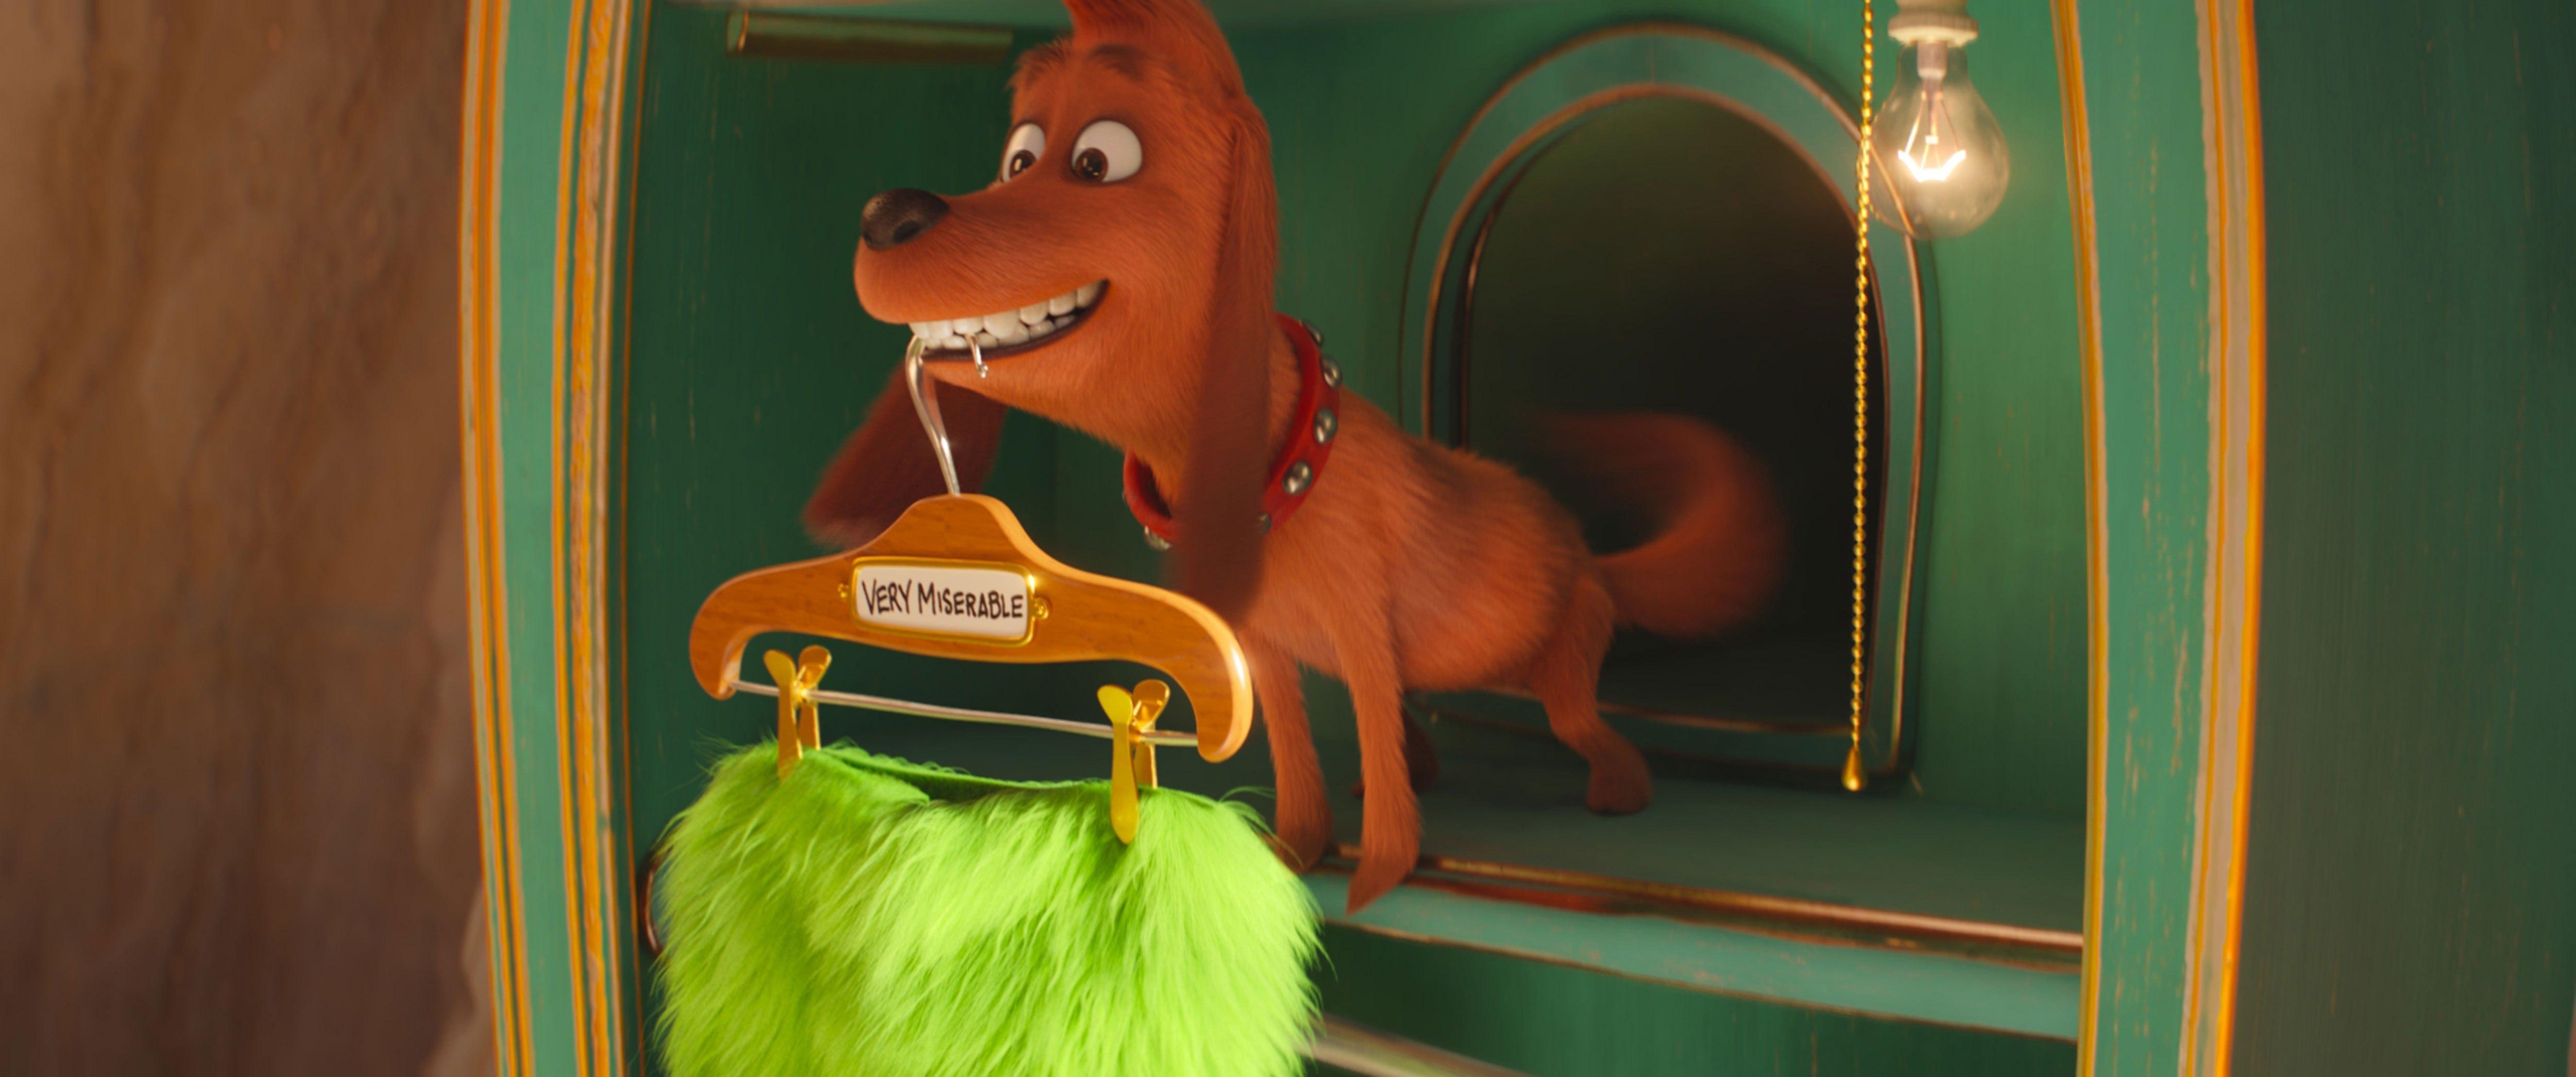 《綠毛怪格林奇》新預告腦洞大開 揭秘如何偷走聖誕節